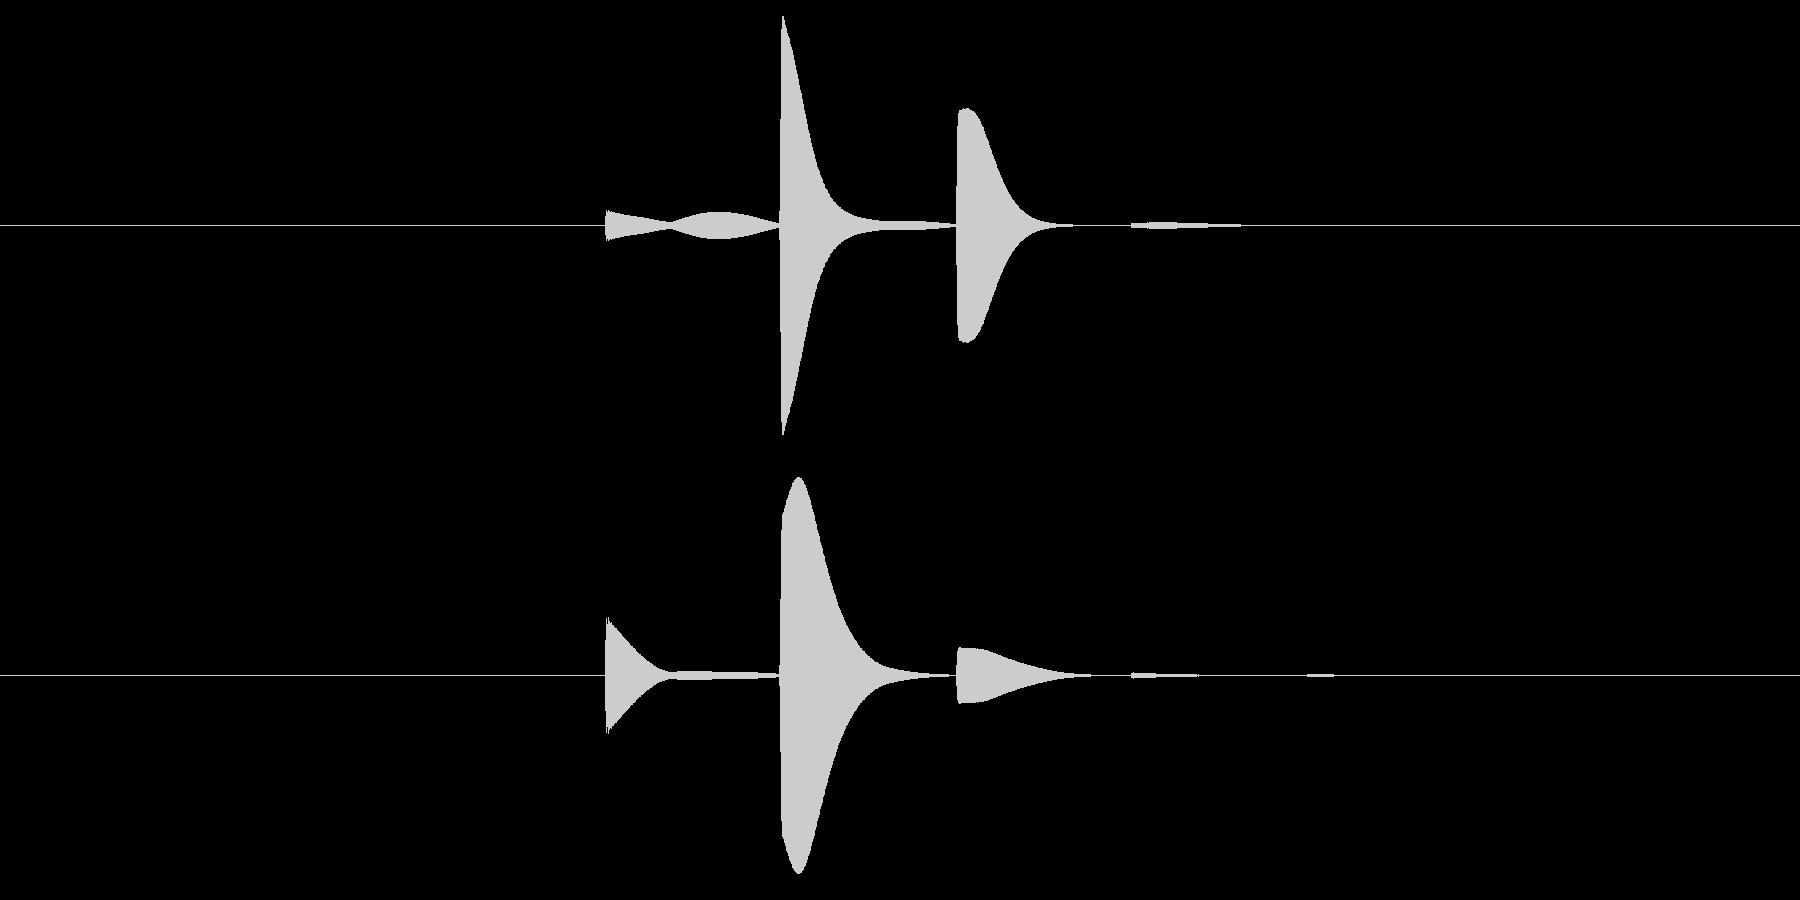 ピピピ(決定音)、タッチ、ボタン、電子音の未再生の波形